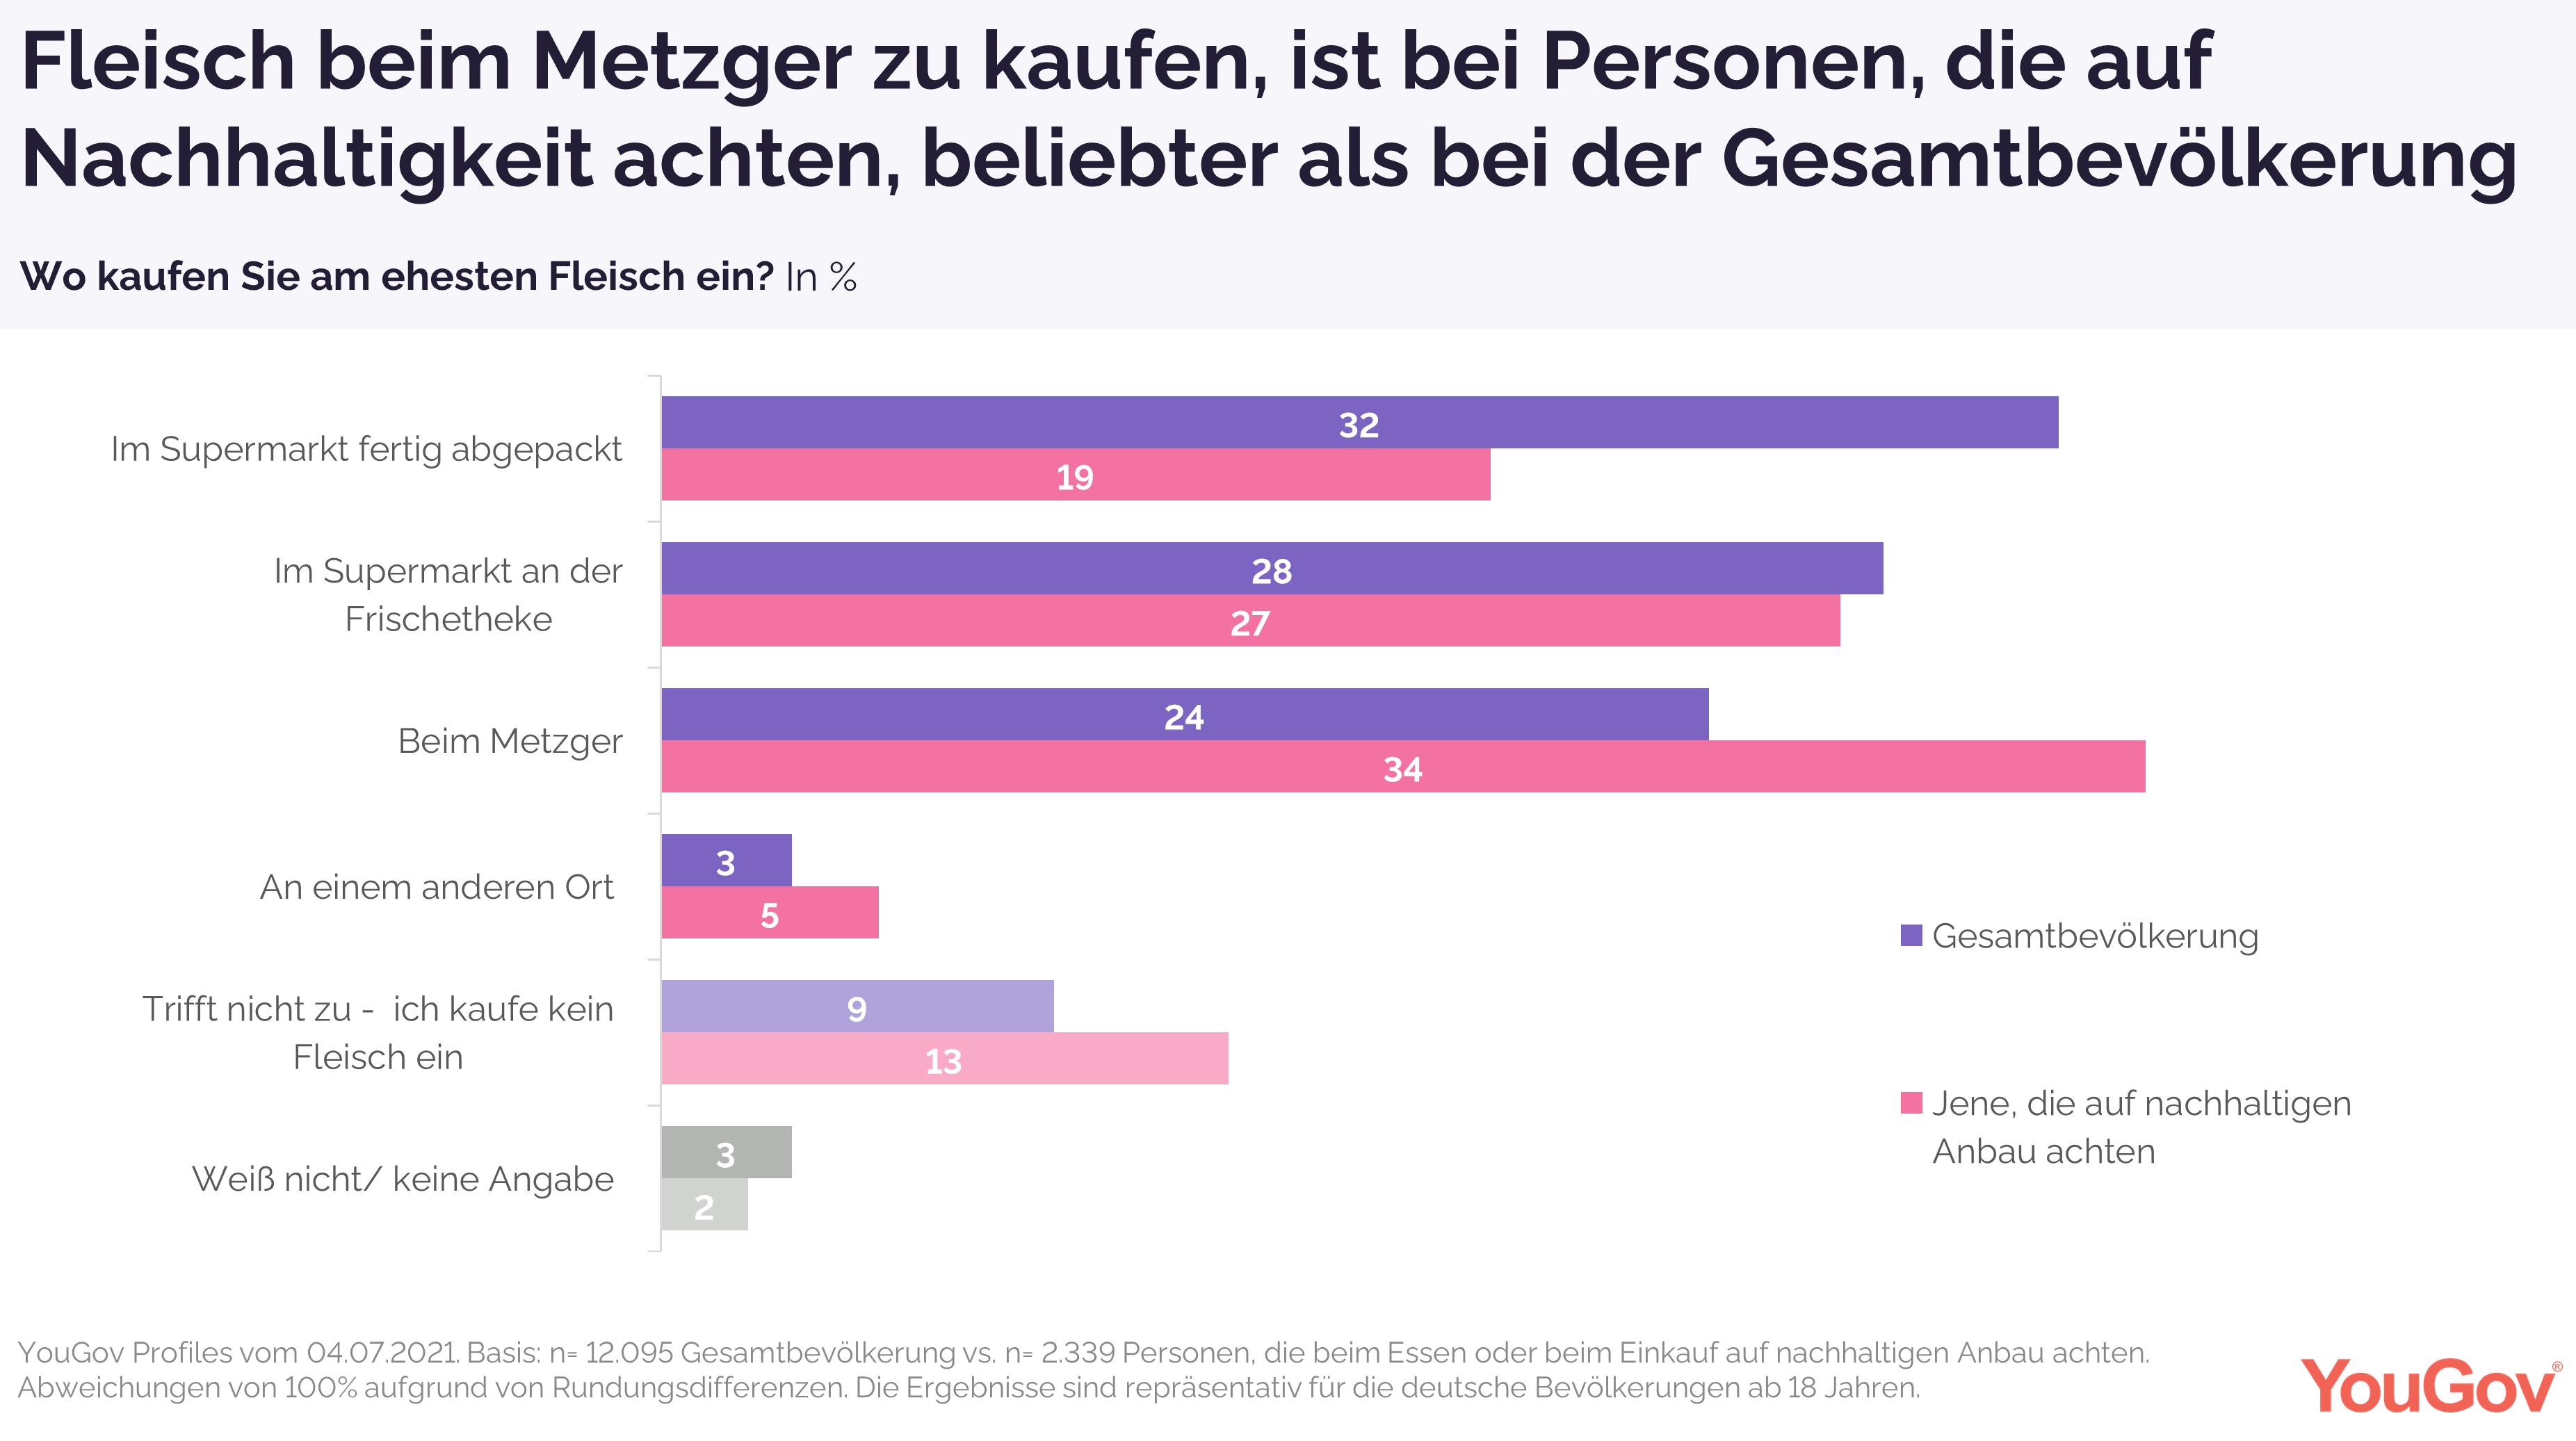 Ein Viertel der Deutschen kauft Fleisch hauptsächlich beim Metzger ein